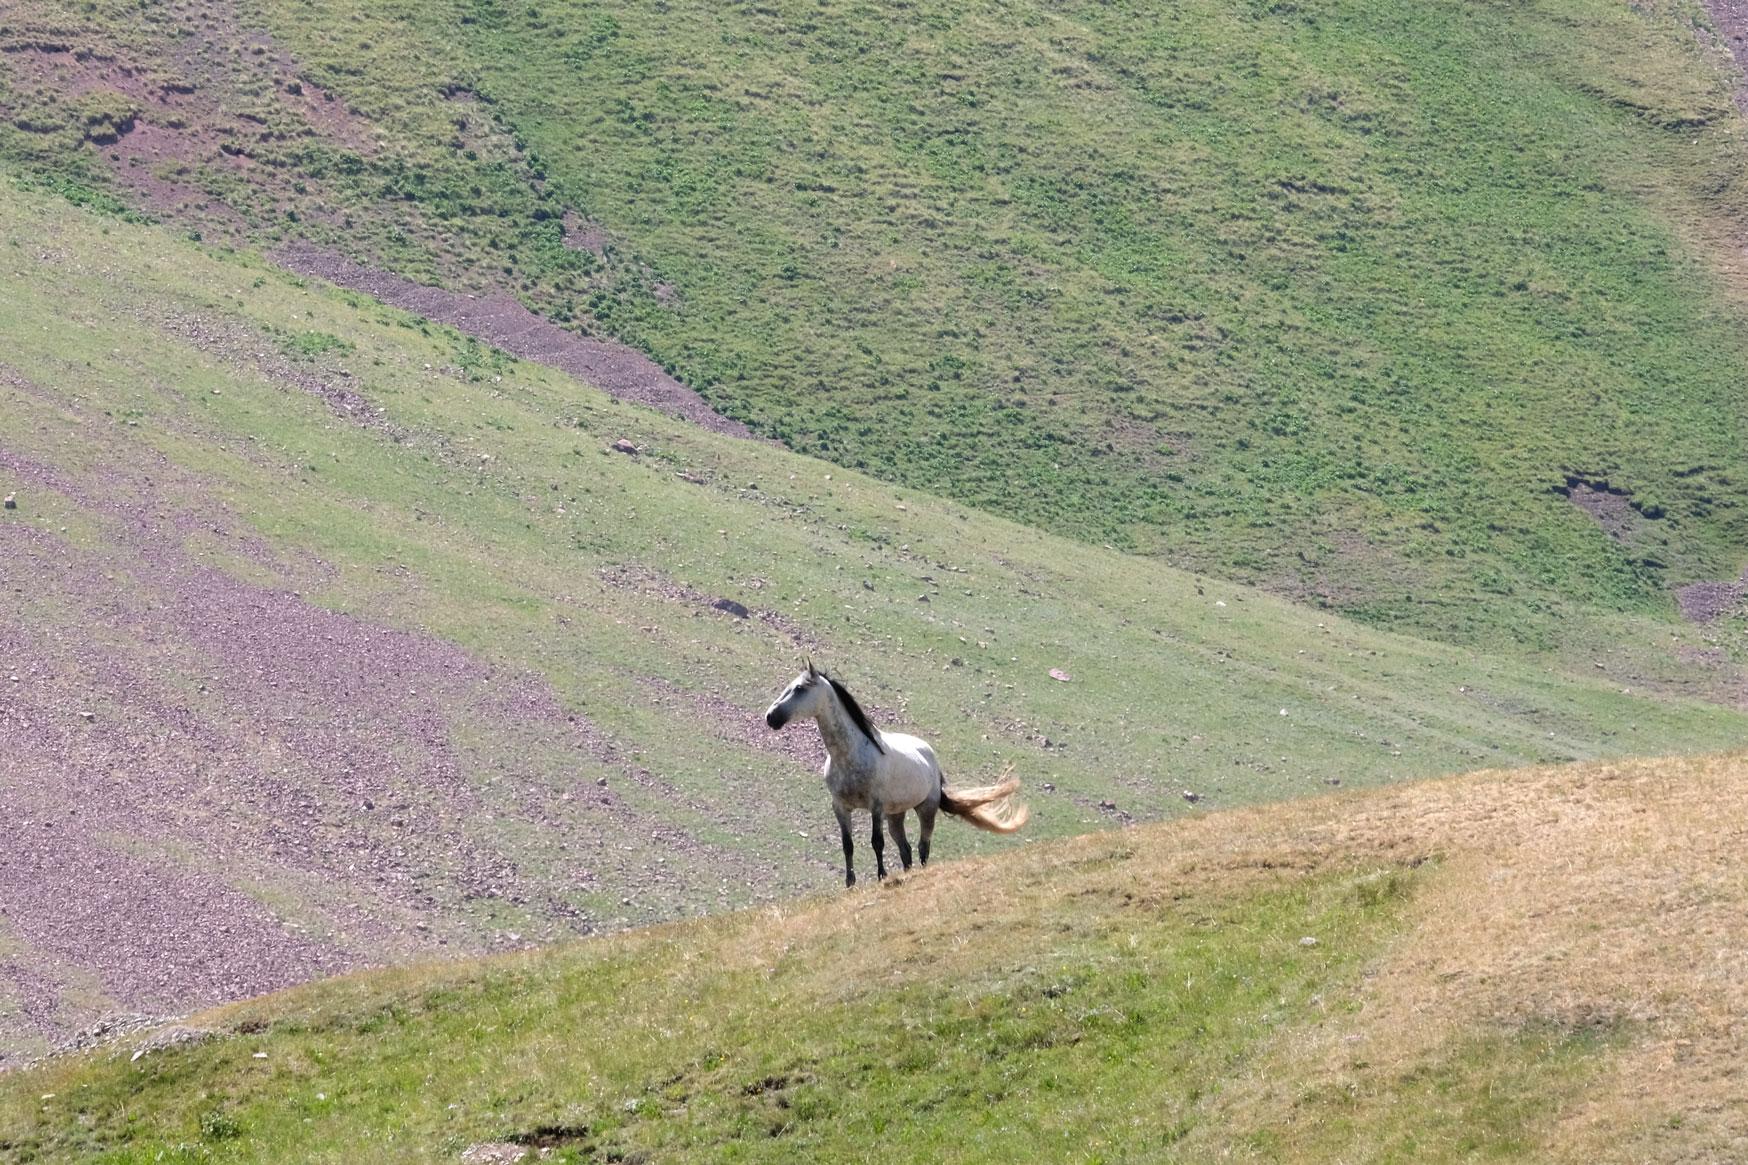 Ein Pferd auf einer Wiese.